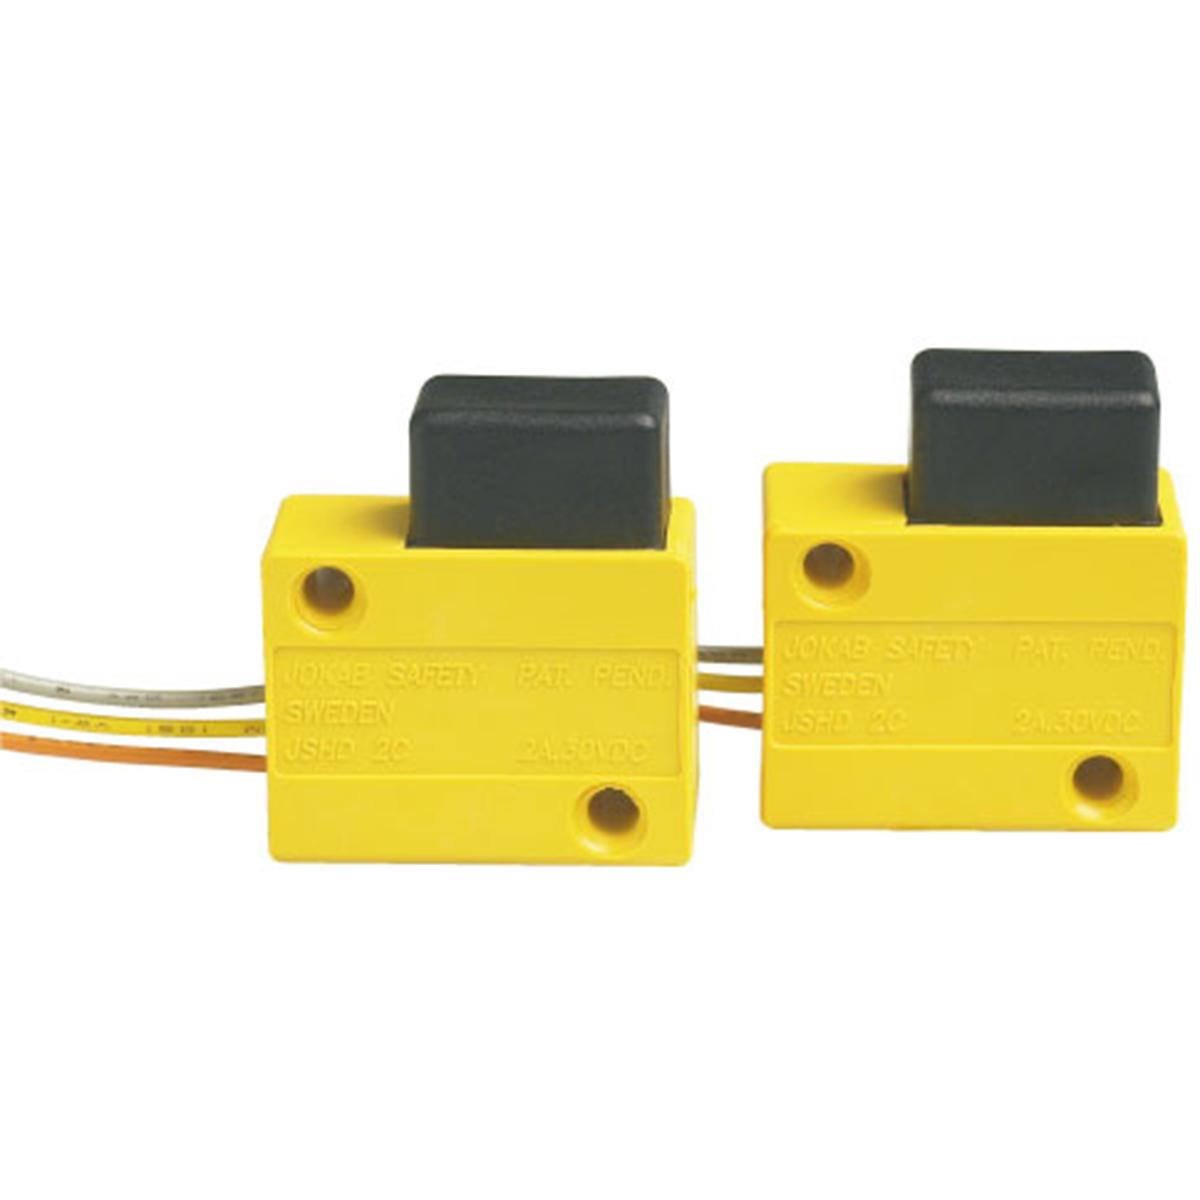 ABB 2TLA020001R1000 Safety Control Enabling Switch